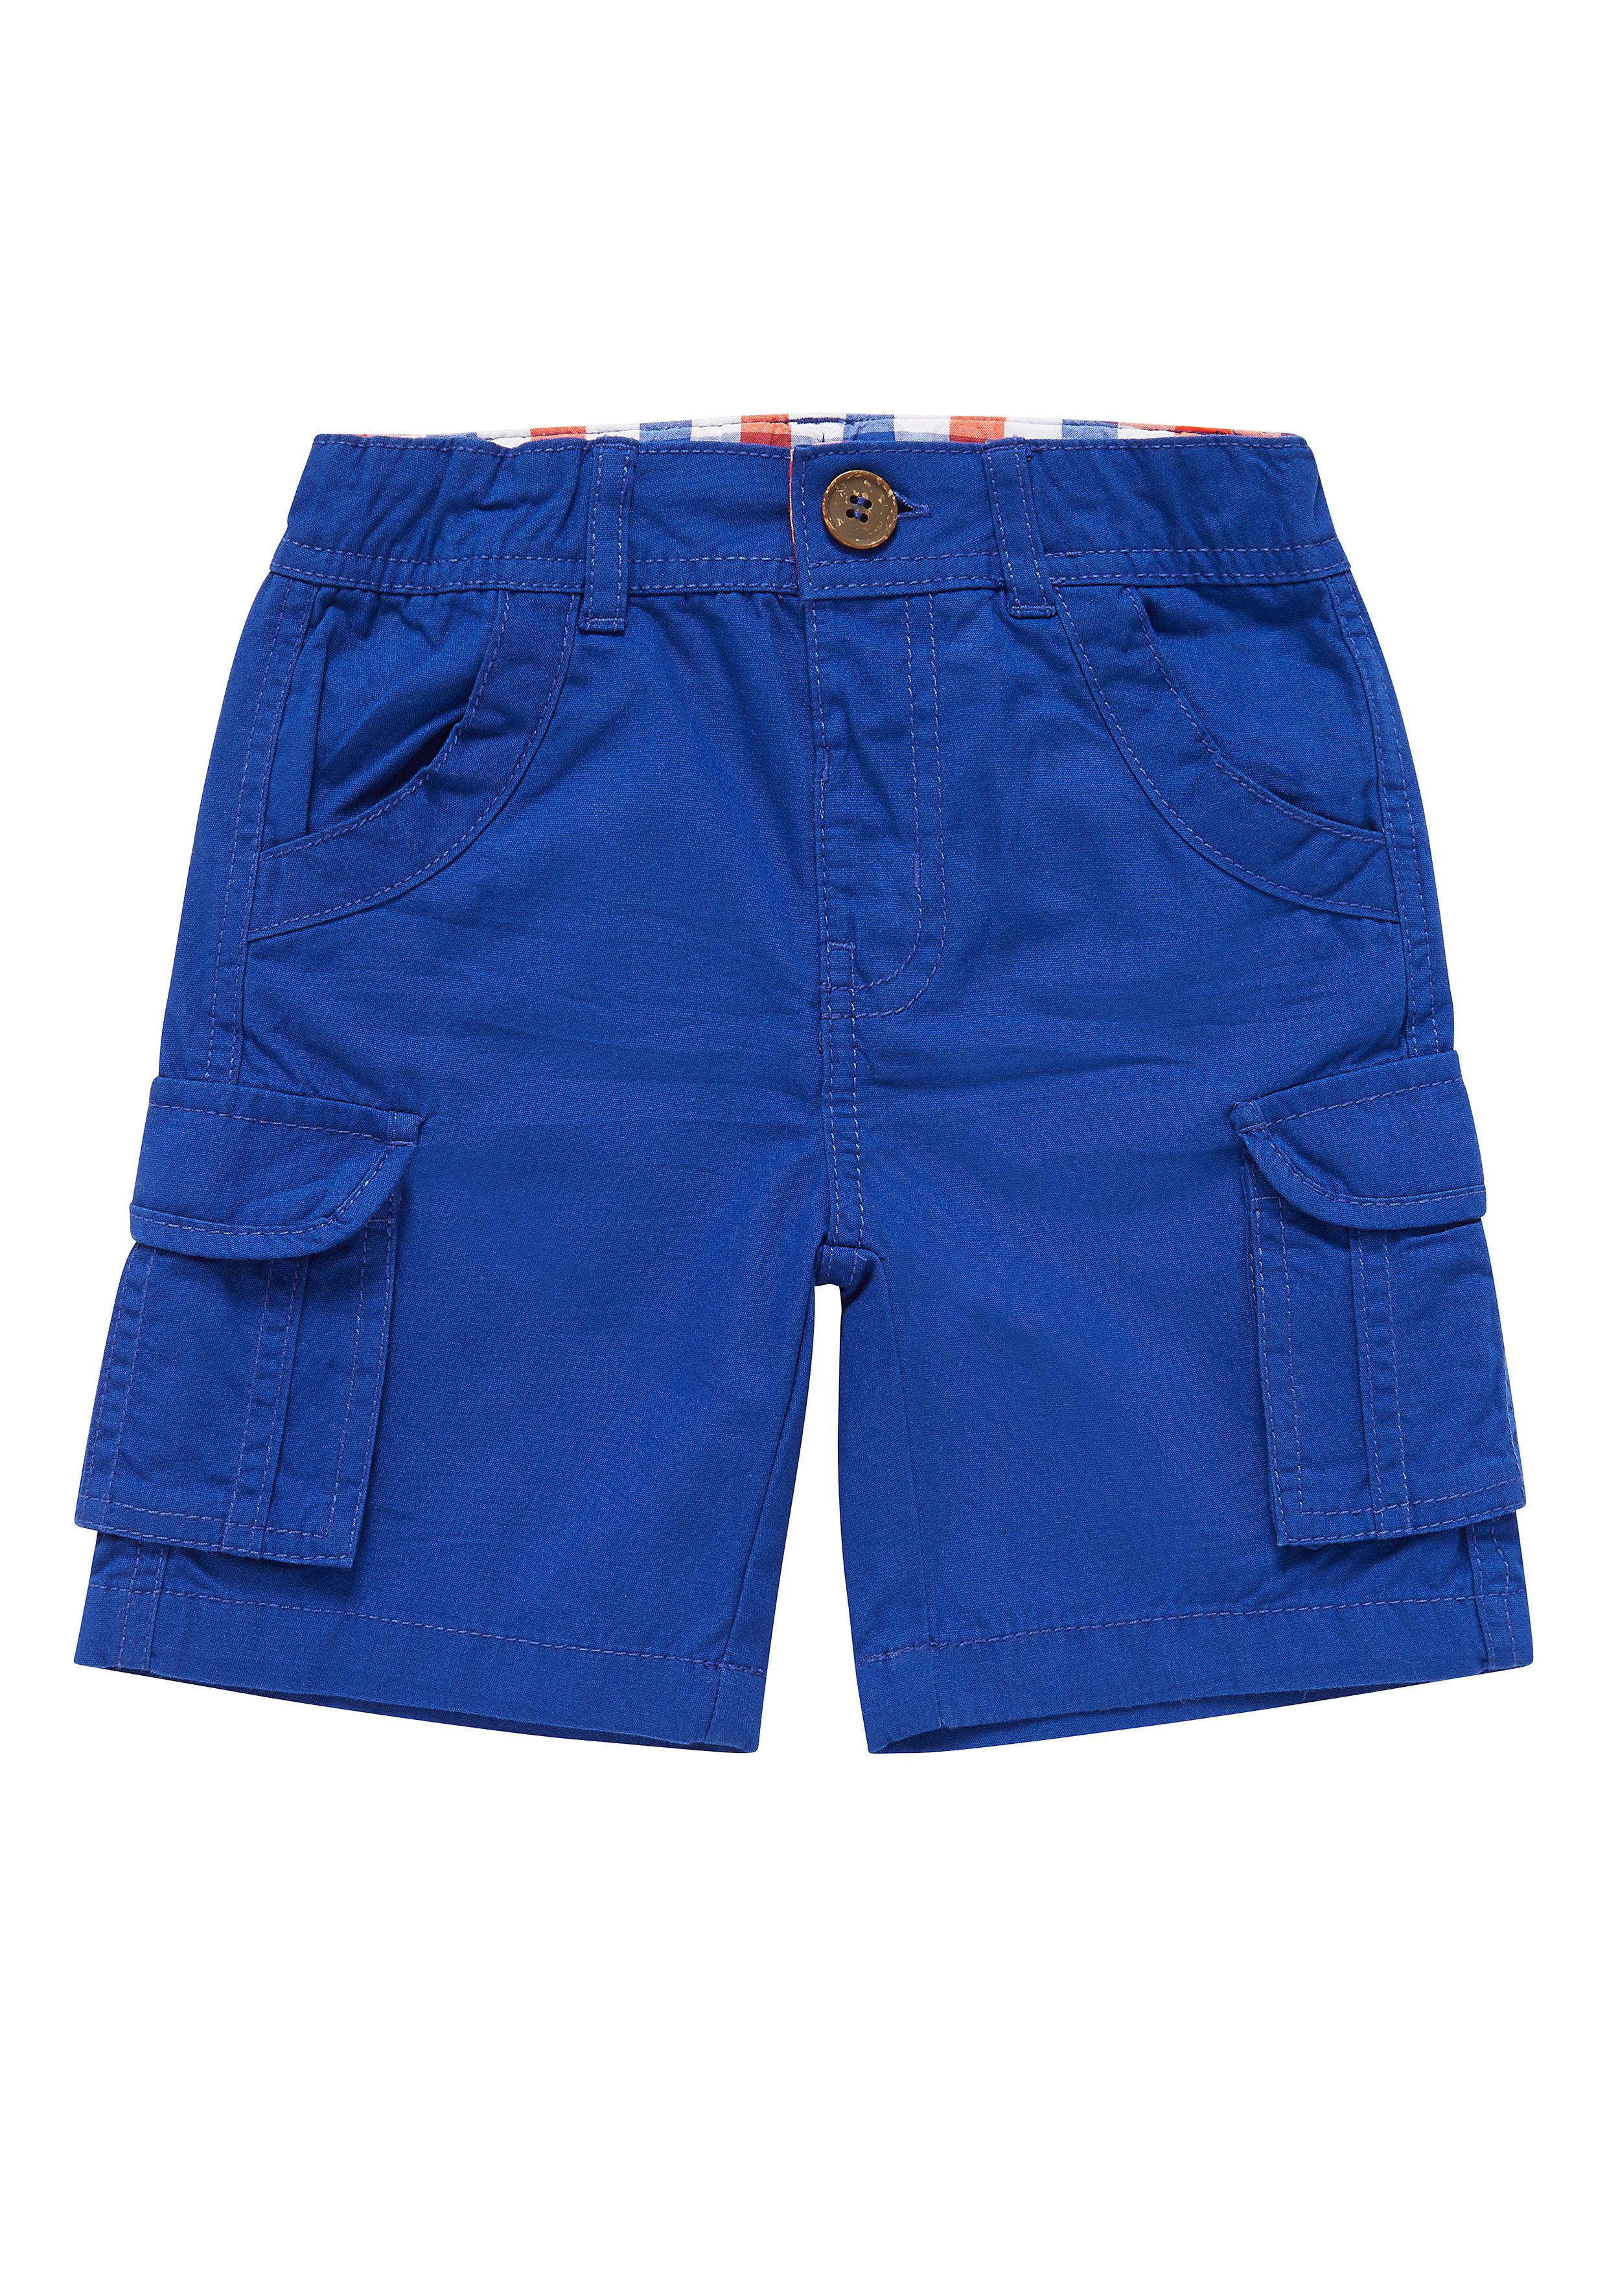 Mothercare | Boys Cargo Shorts - Blue